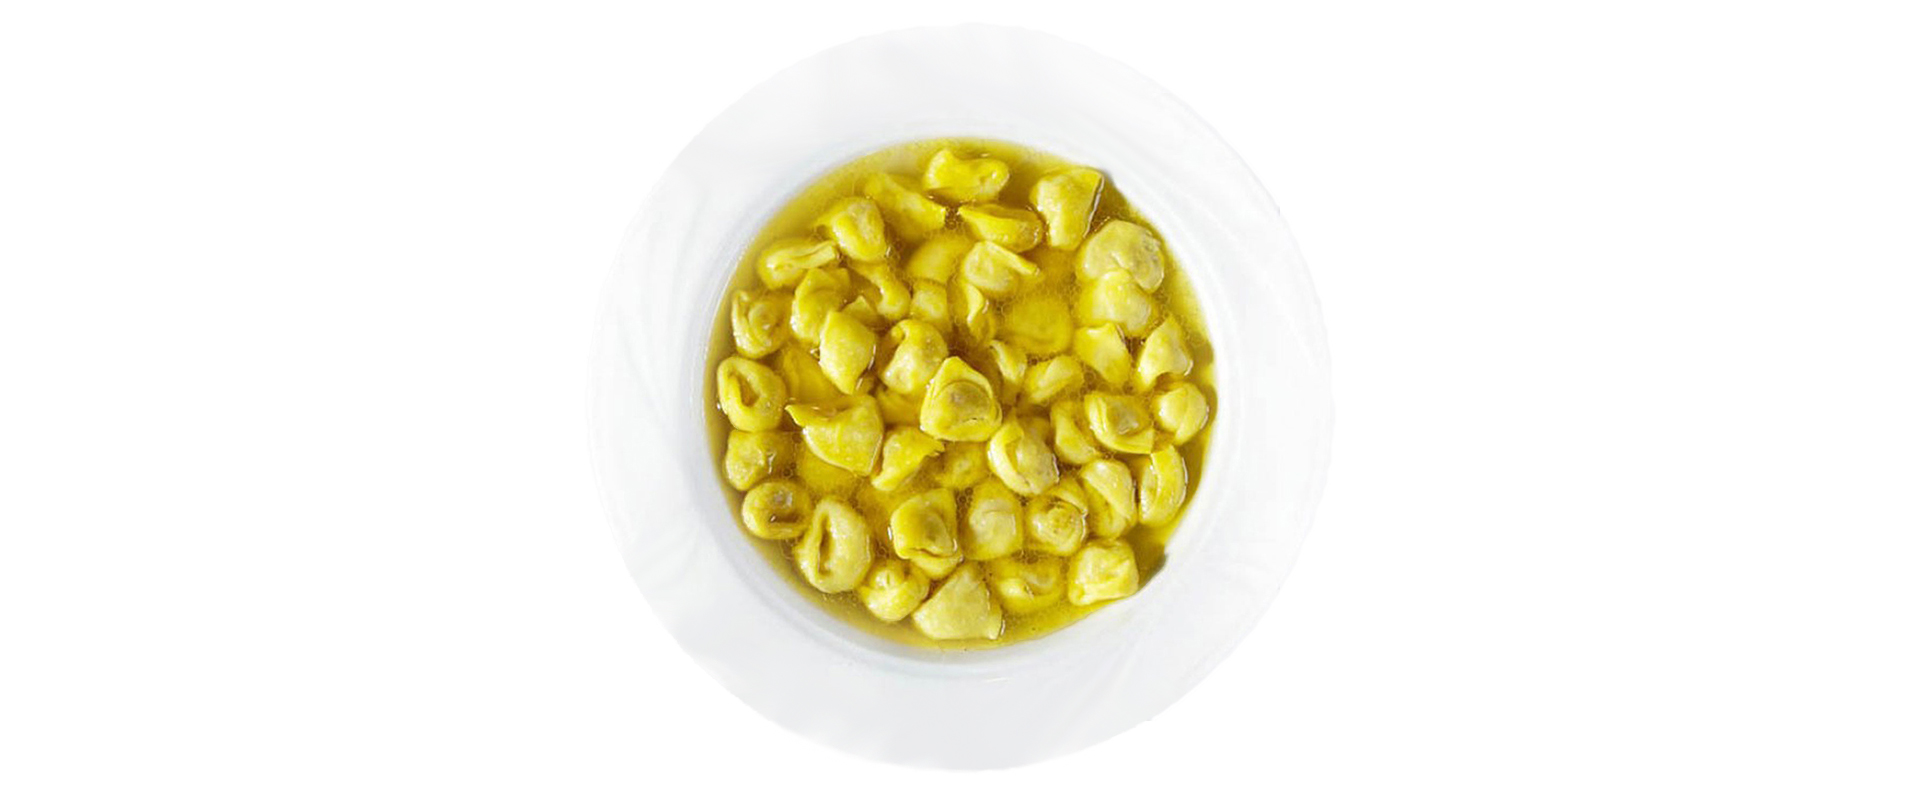 tortellini-in-brodo-cesari